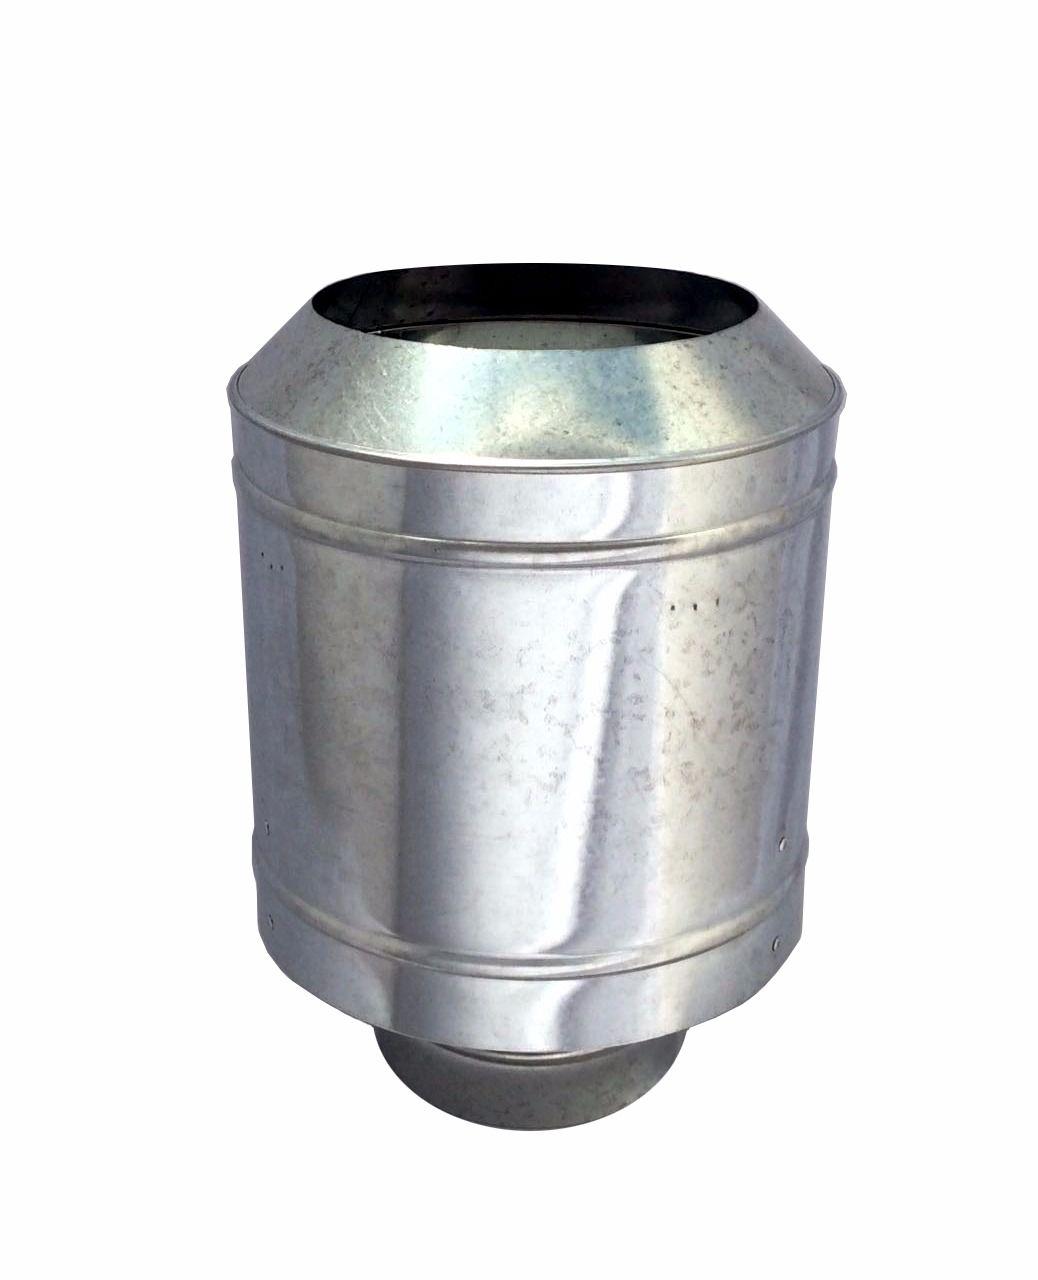 Chapéu galvanizado tipo canhão sputinik para chaminé de 300 mm de diâmetro.  - Galvocalhas